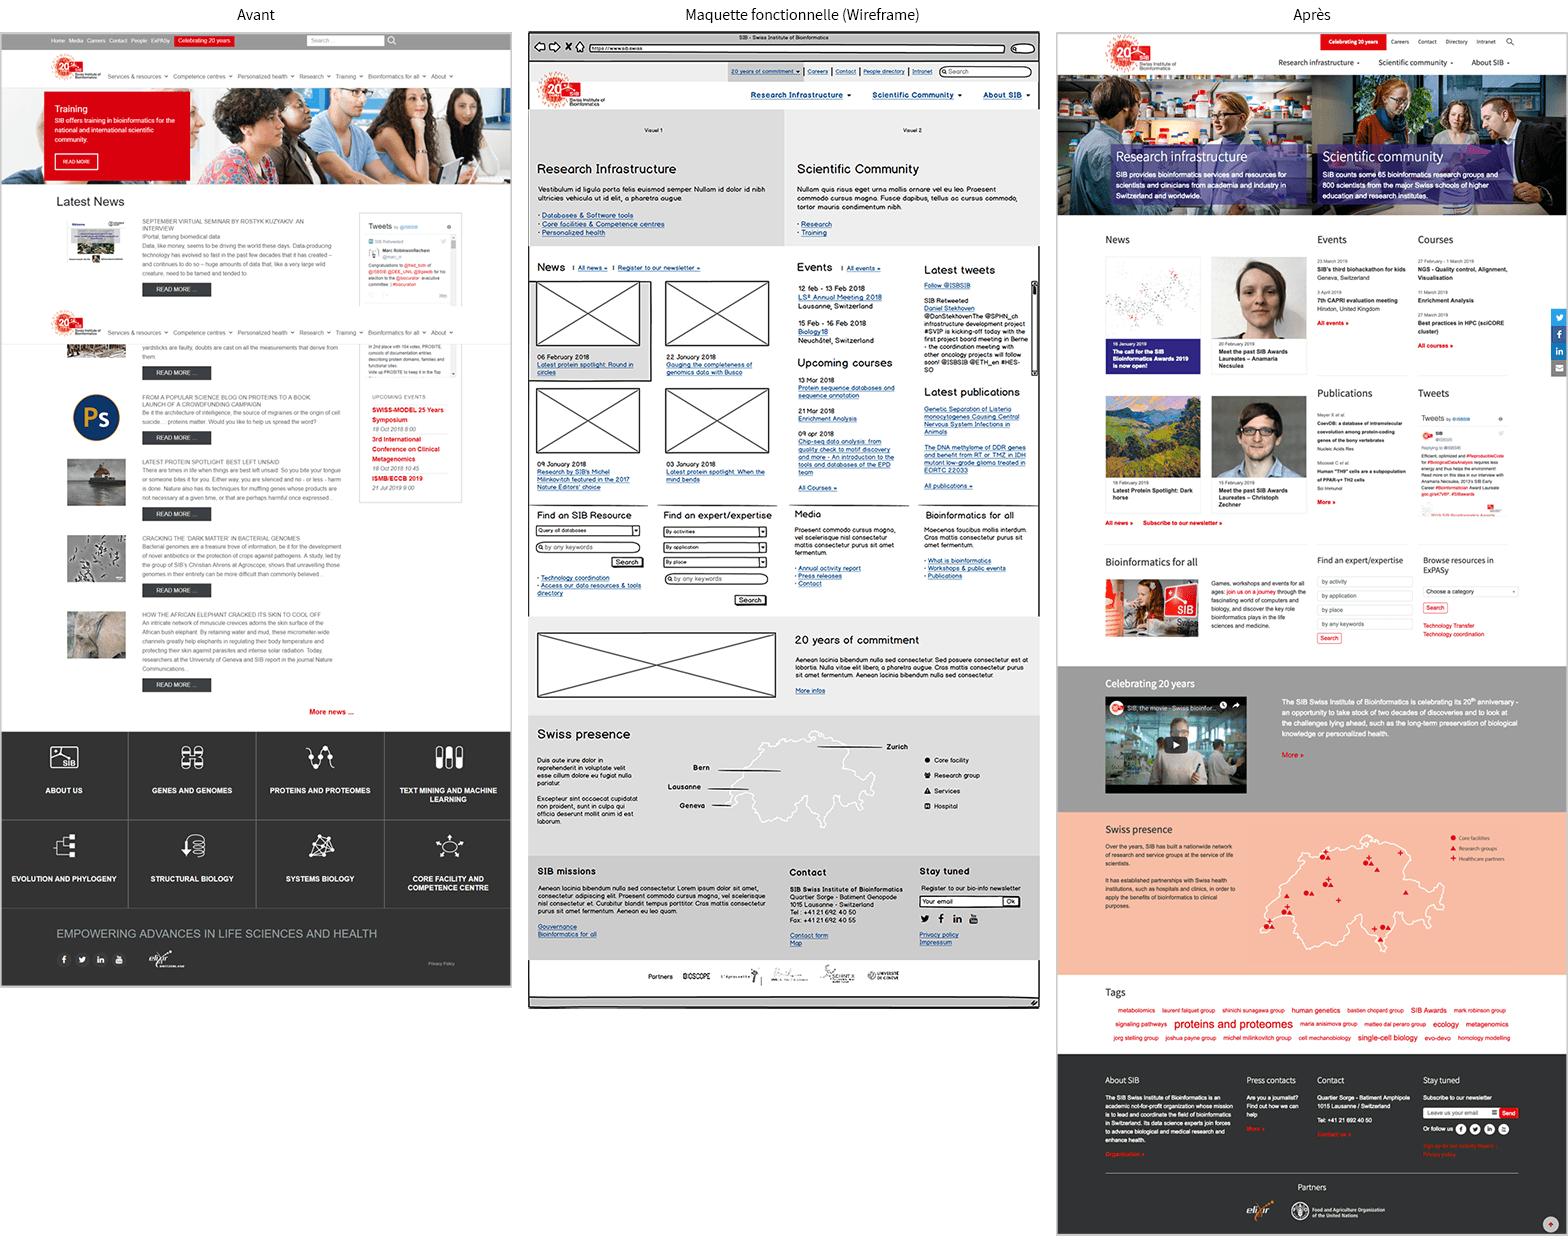 3 planches graphiques représentant le site avant, la maquette d'intention et le site après réalisation.